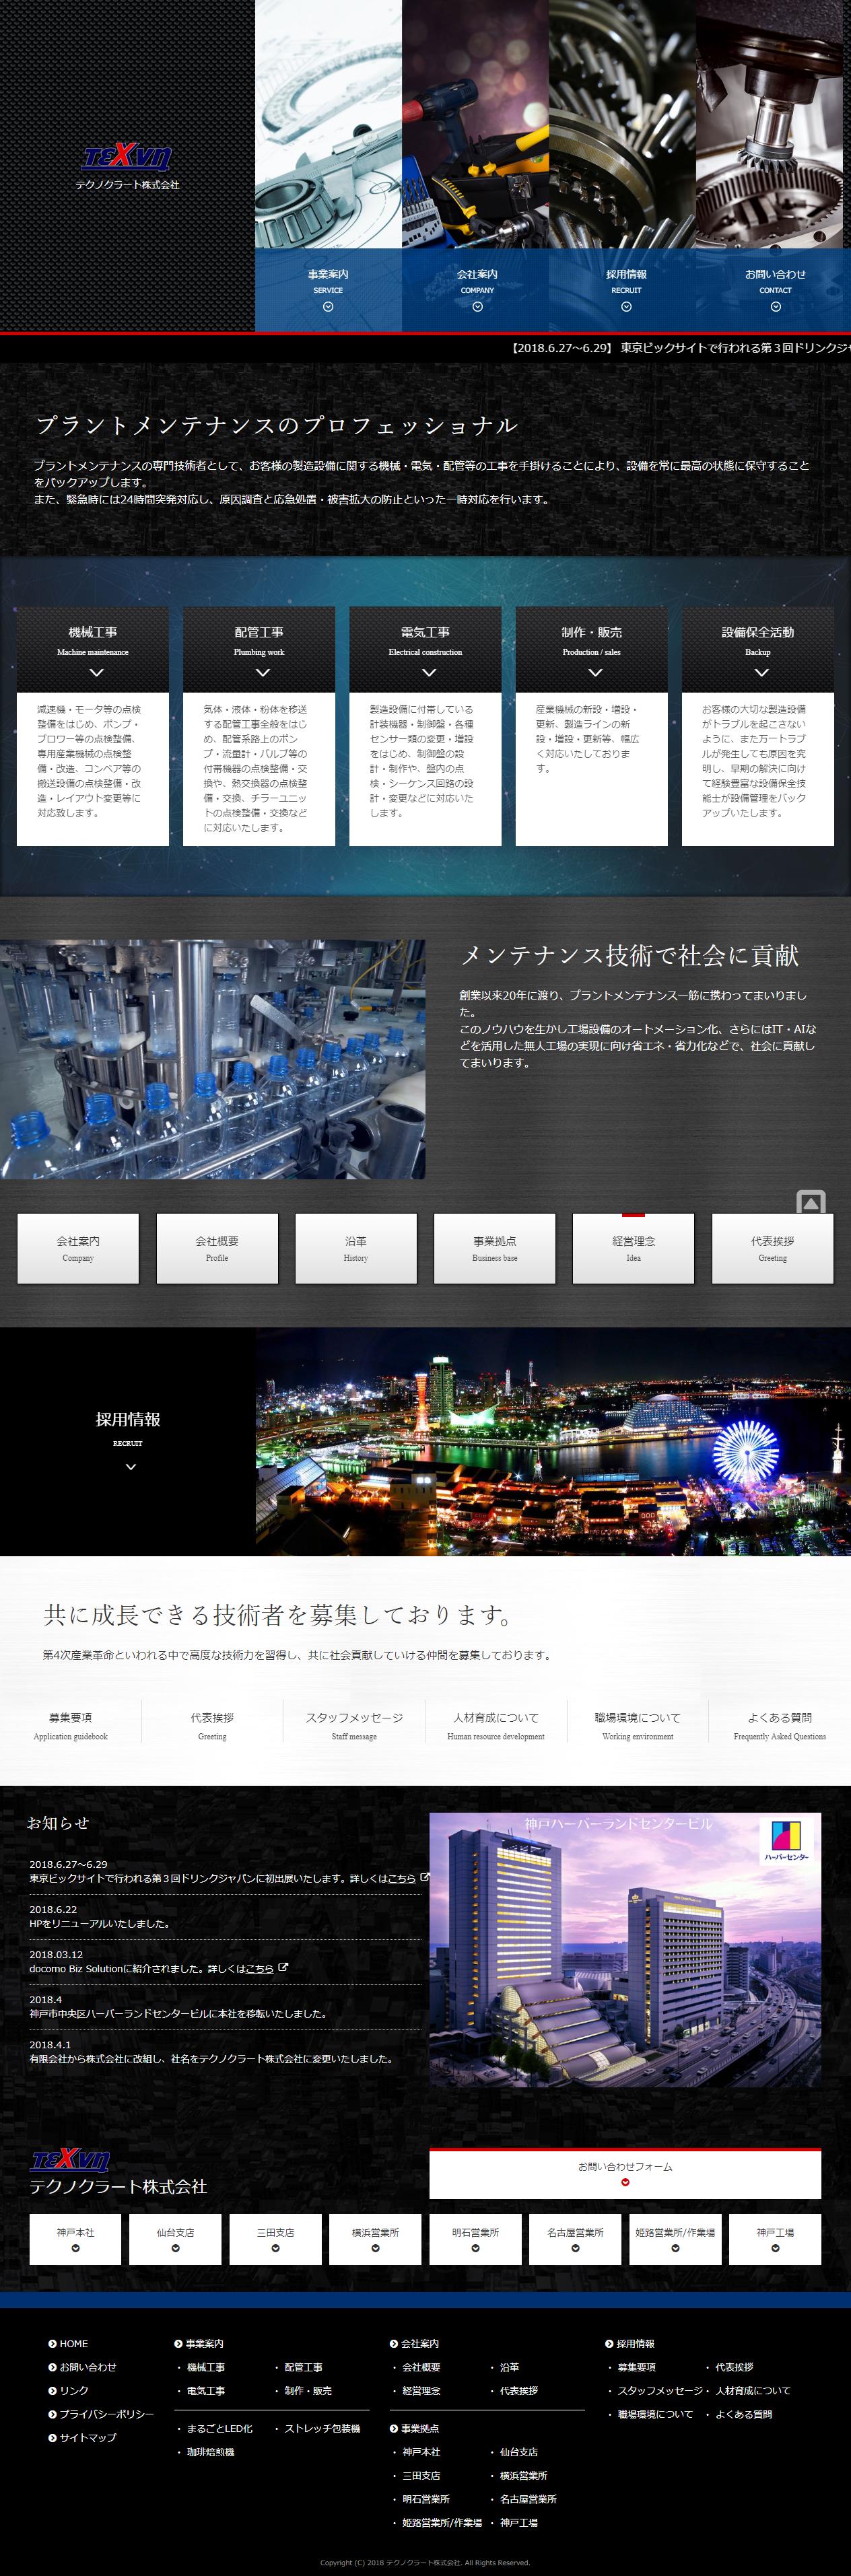 機械メンテナンス企業様ホームページ制作実績